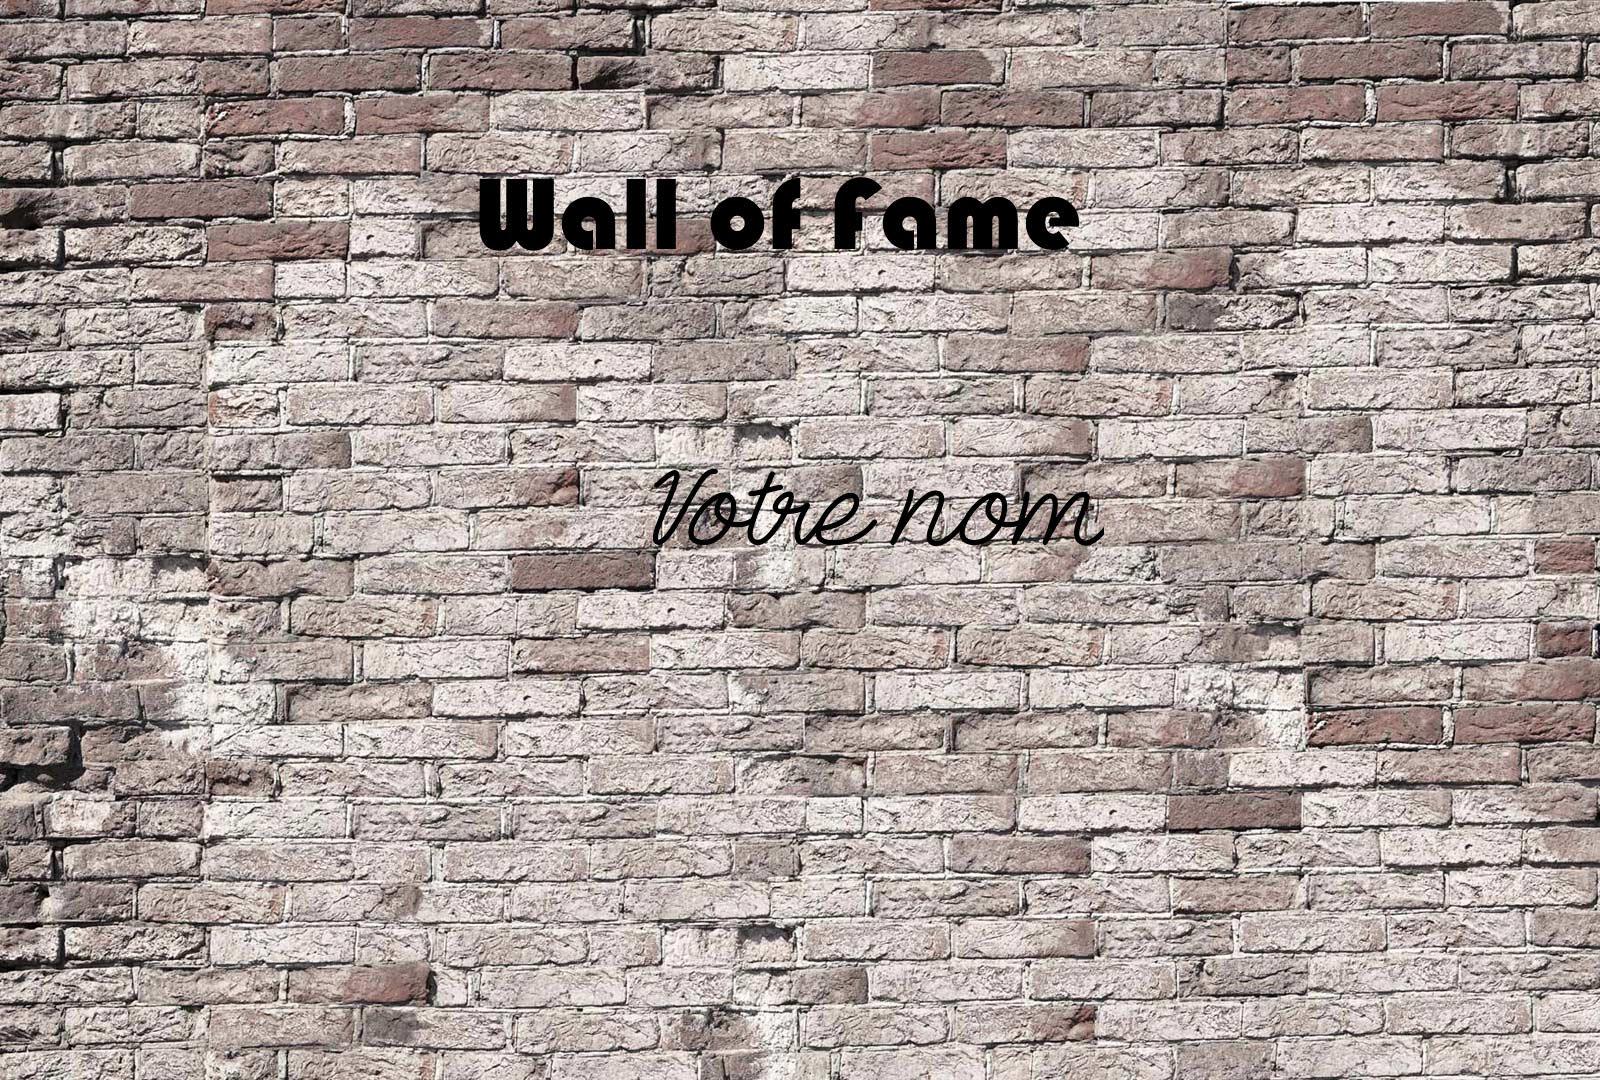 papier-peint-mur-brique_-_copie-1465826405.jpg